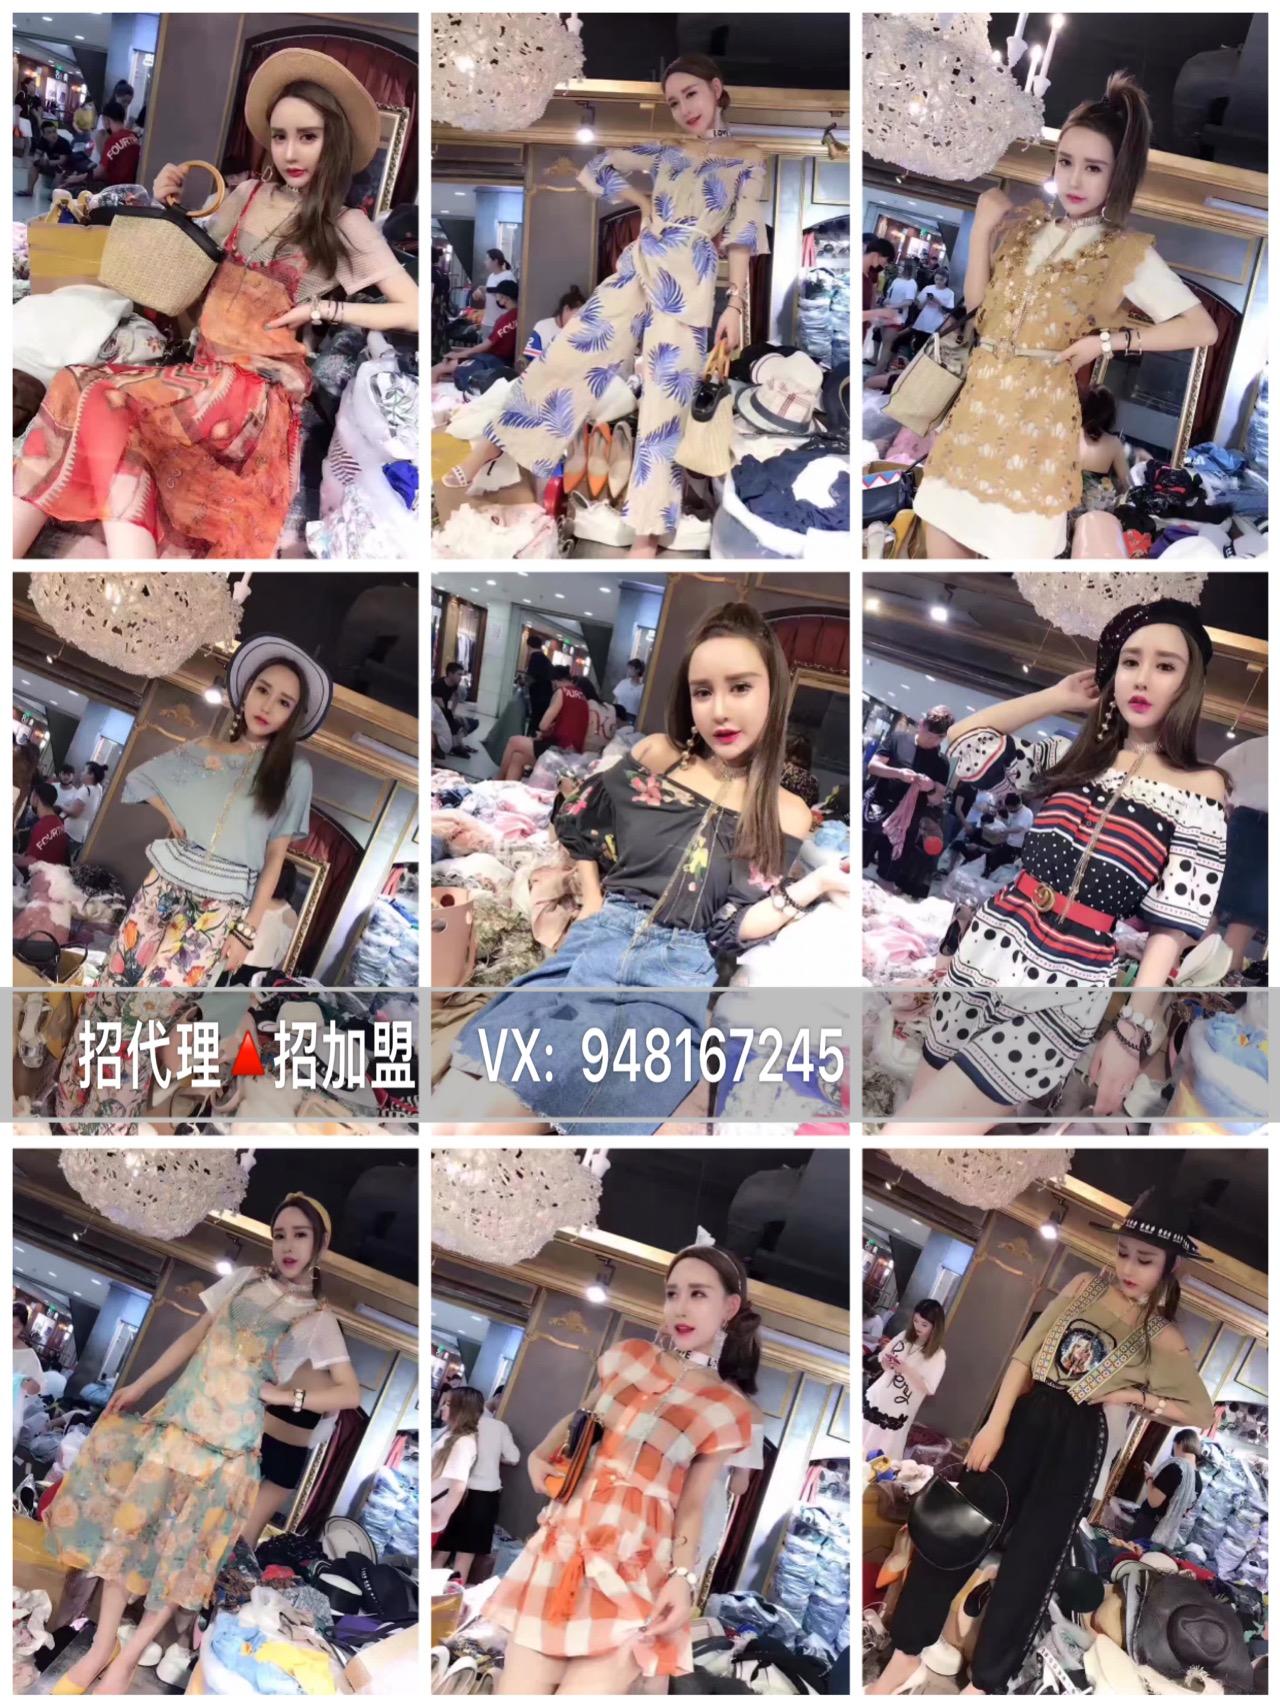 这是第1张女装欧美日韩泰国多种款式选择的货源图片